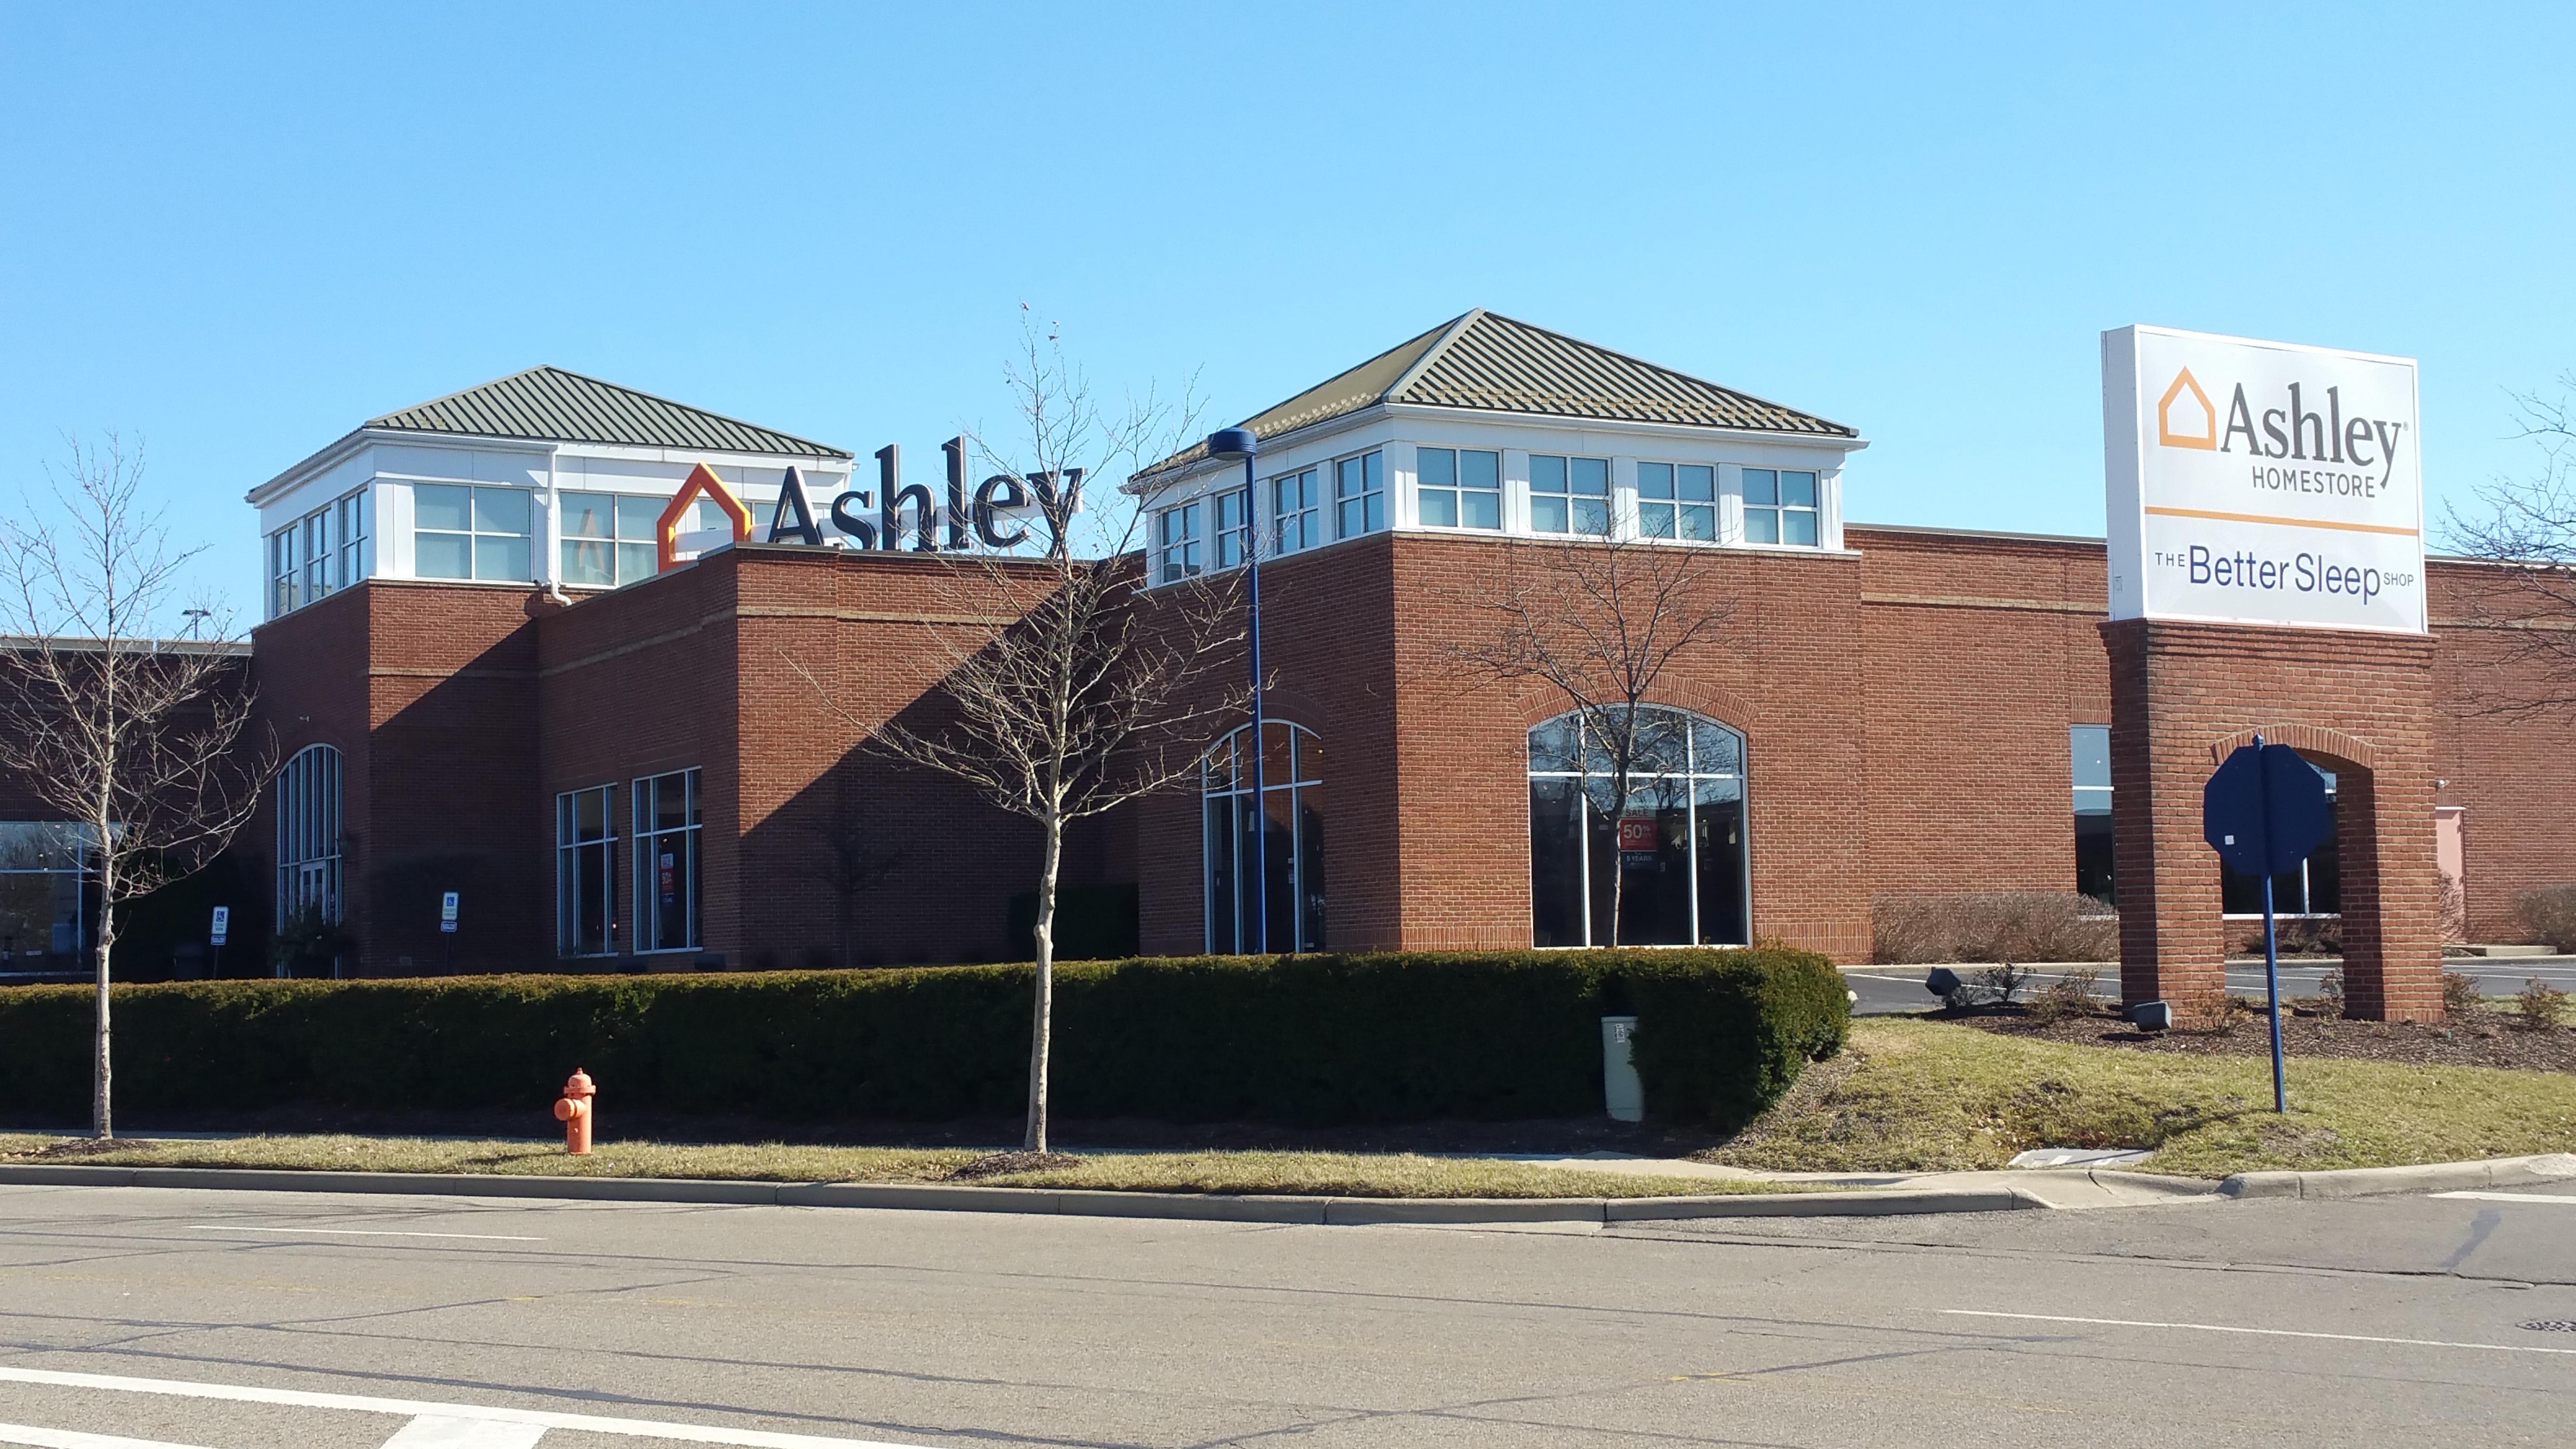 Ashley Homestore 3883 Gramercy St Columbus Oh 43219